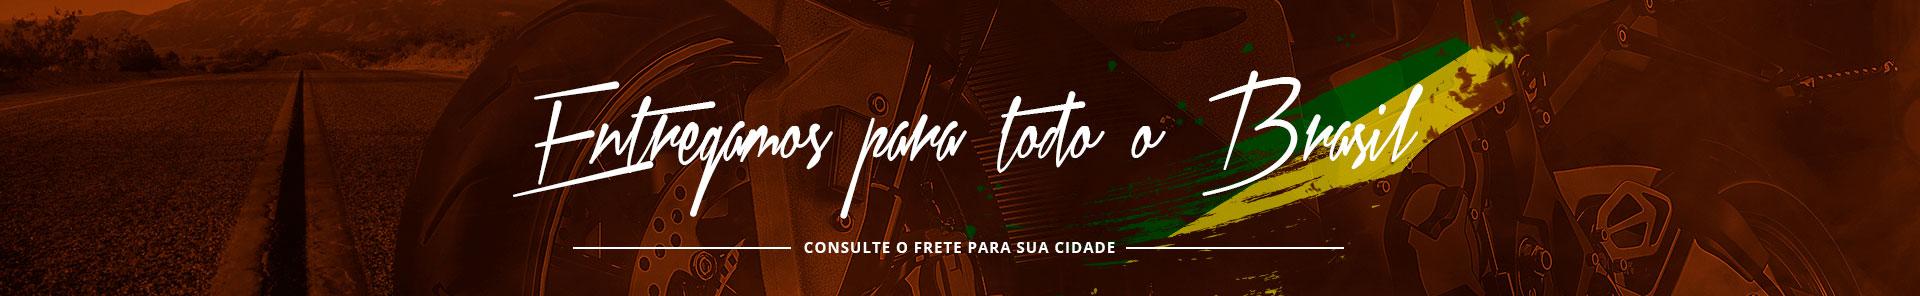 Entra de moto todo o Brasil